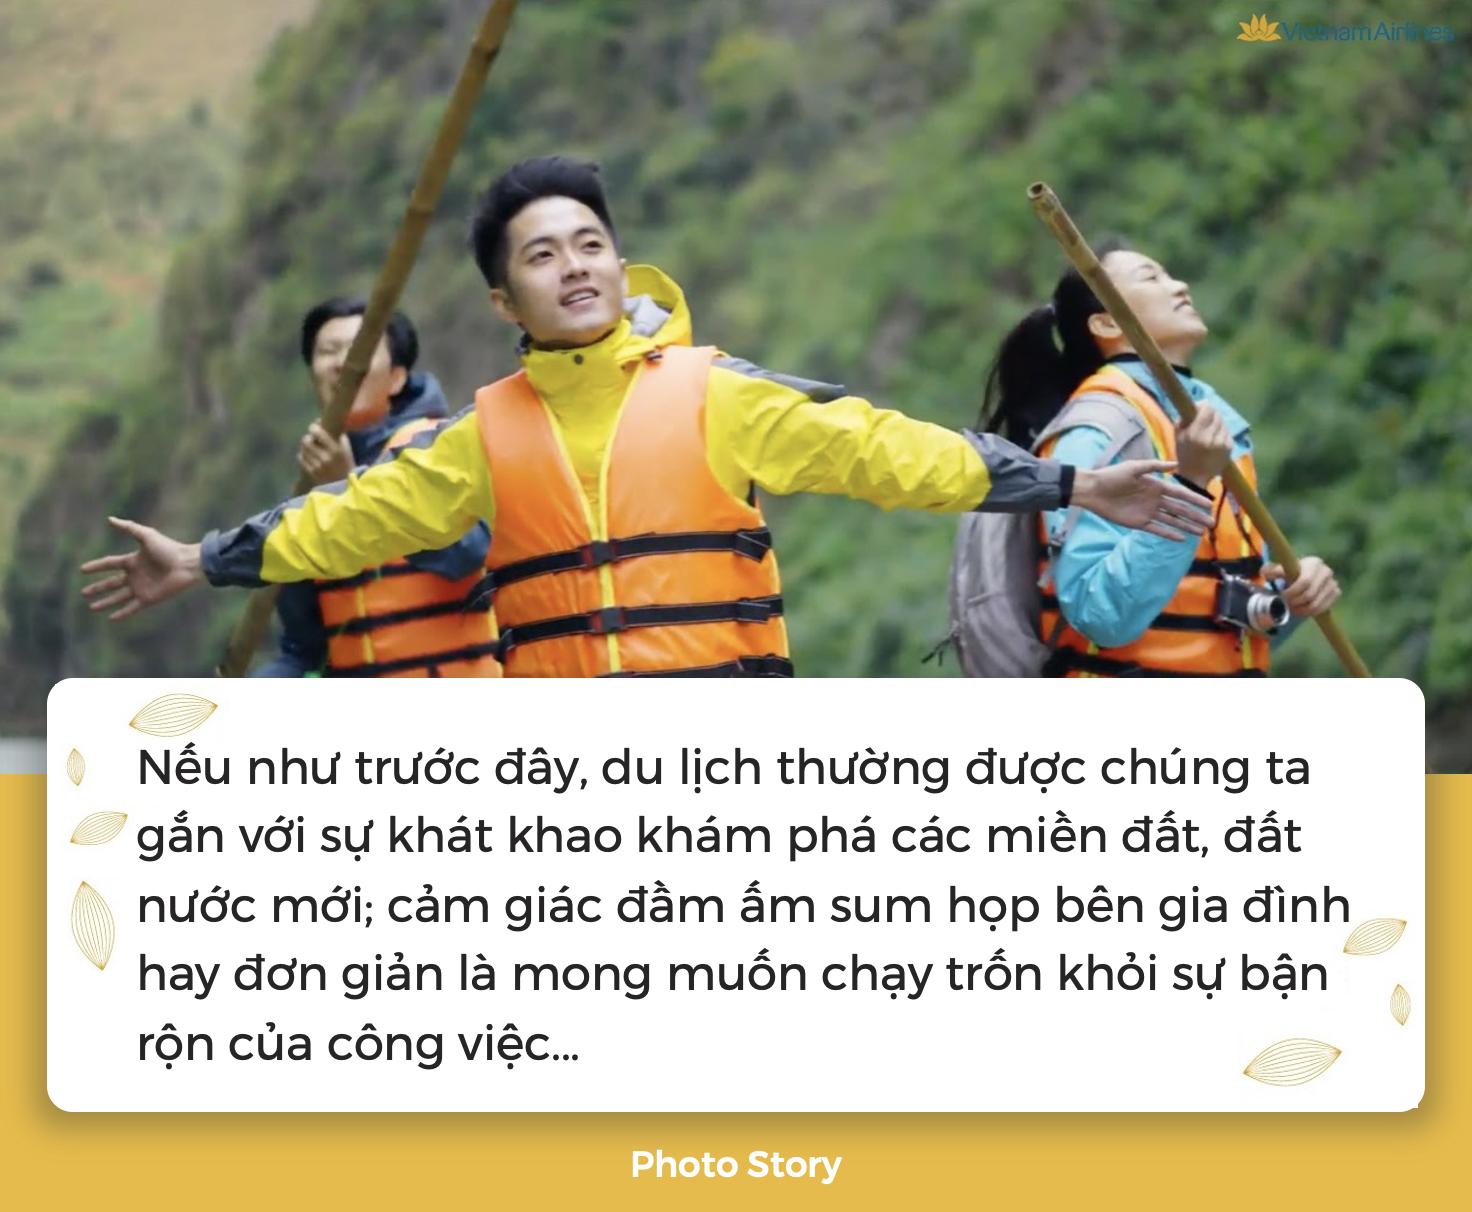 """Cùng Vietnam Airlines lan tỏa thông điệp """"Vì sao chúng ta bay?"""", sẵn sàng mang niềm hy vọng đặt vào mùa xuân mới - Ảnh 5."""